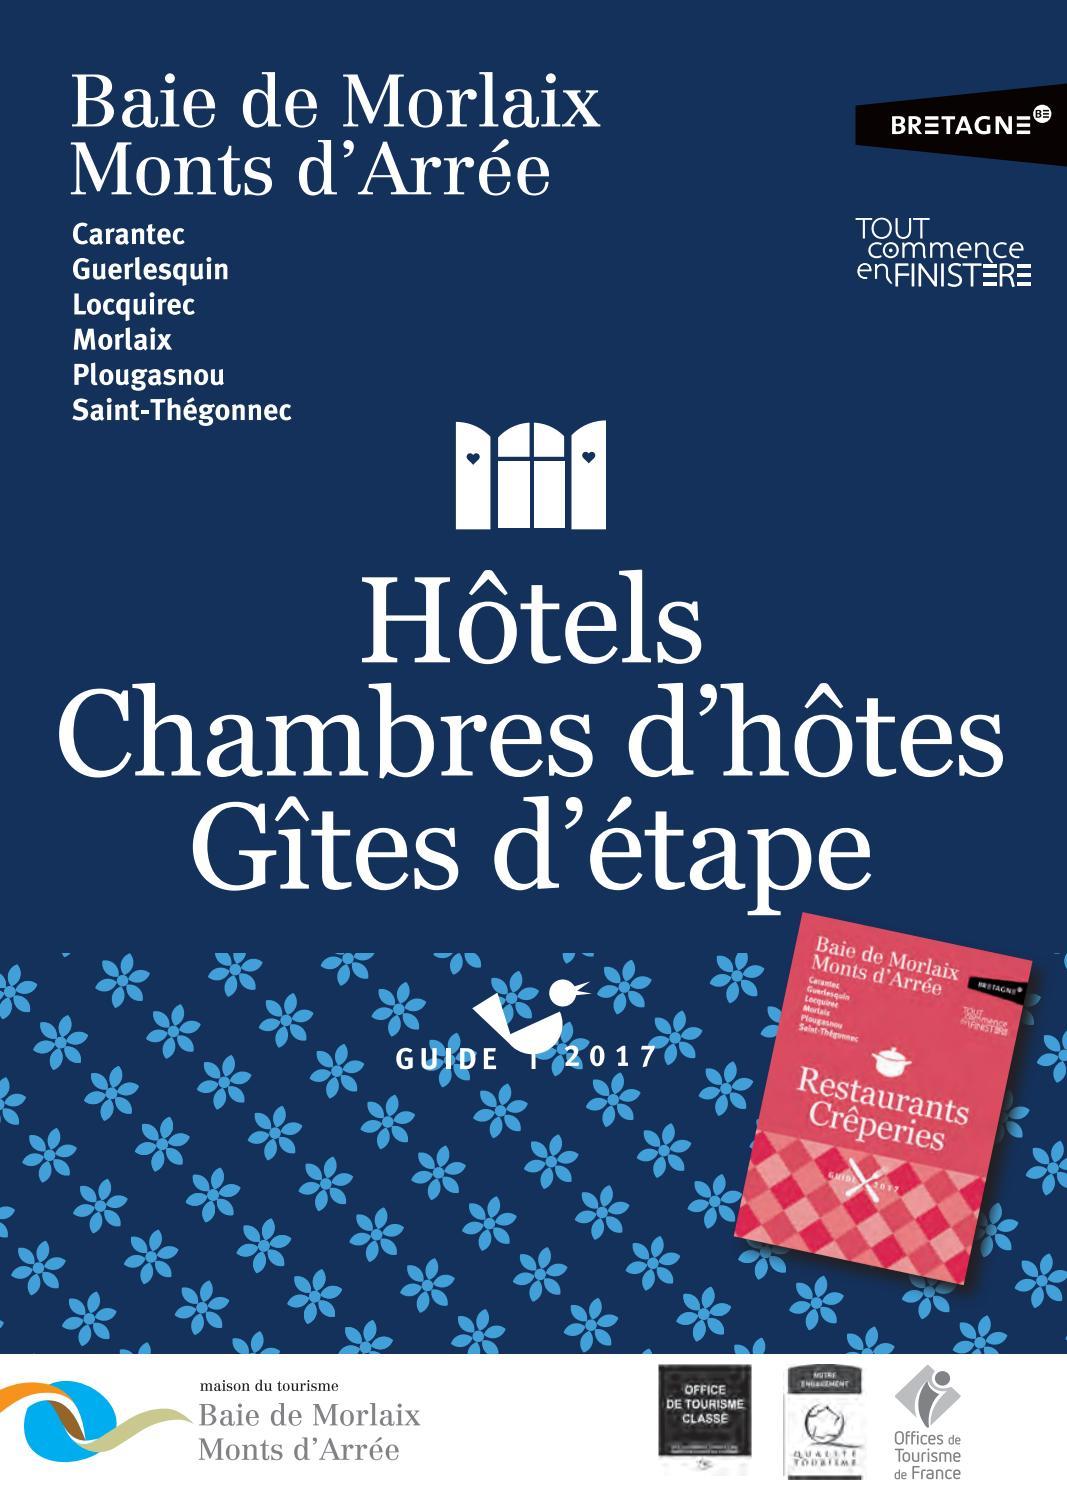 Guide chambres d 39 hotes baie de morlaix monts d 39 arr e 2017 by maison du tourisme issuu - Cancale office du tourisme ...